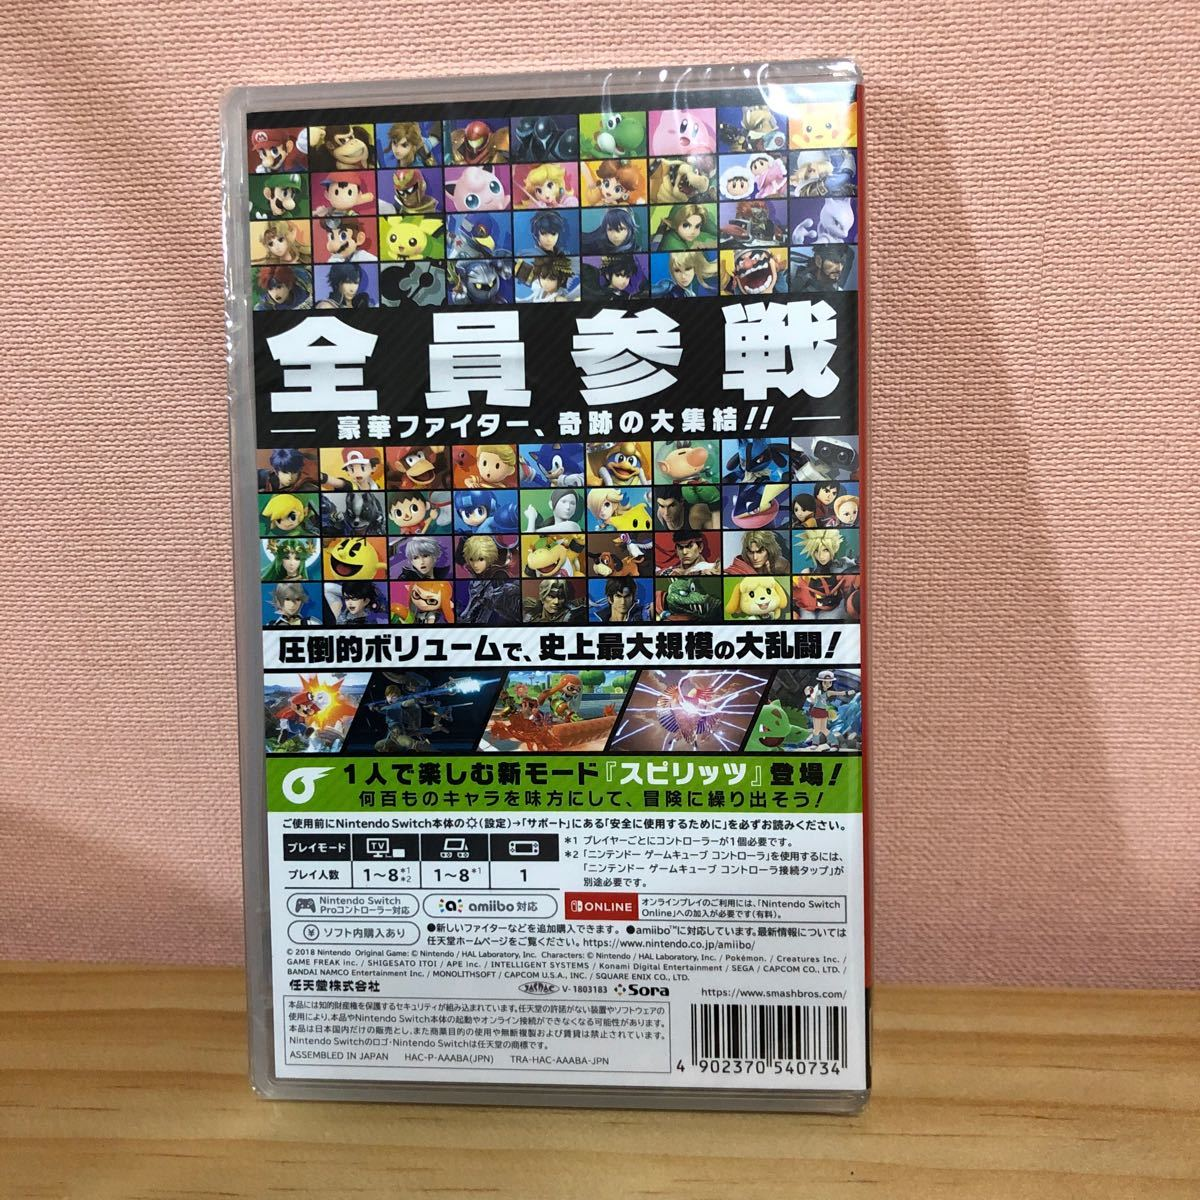 大乱闘スマッシュブラザーズSPECIAL Nintendo Switch Switch 大乱闘スマッシュブラザーズ